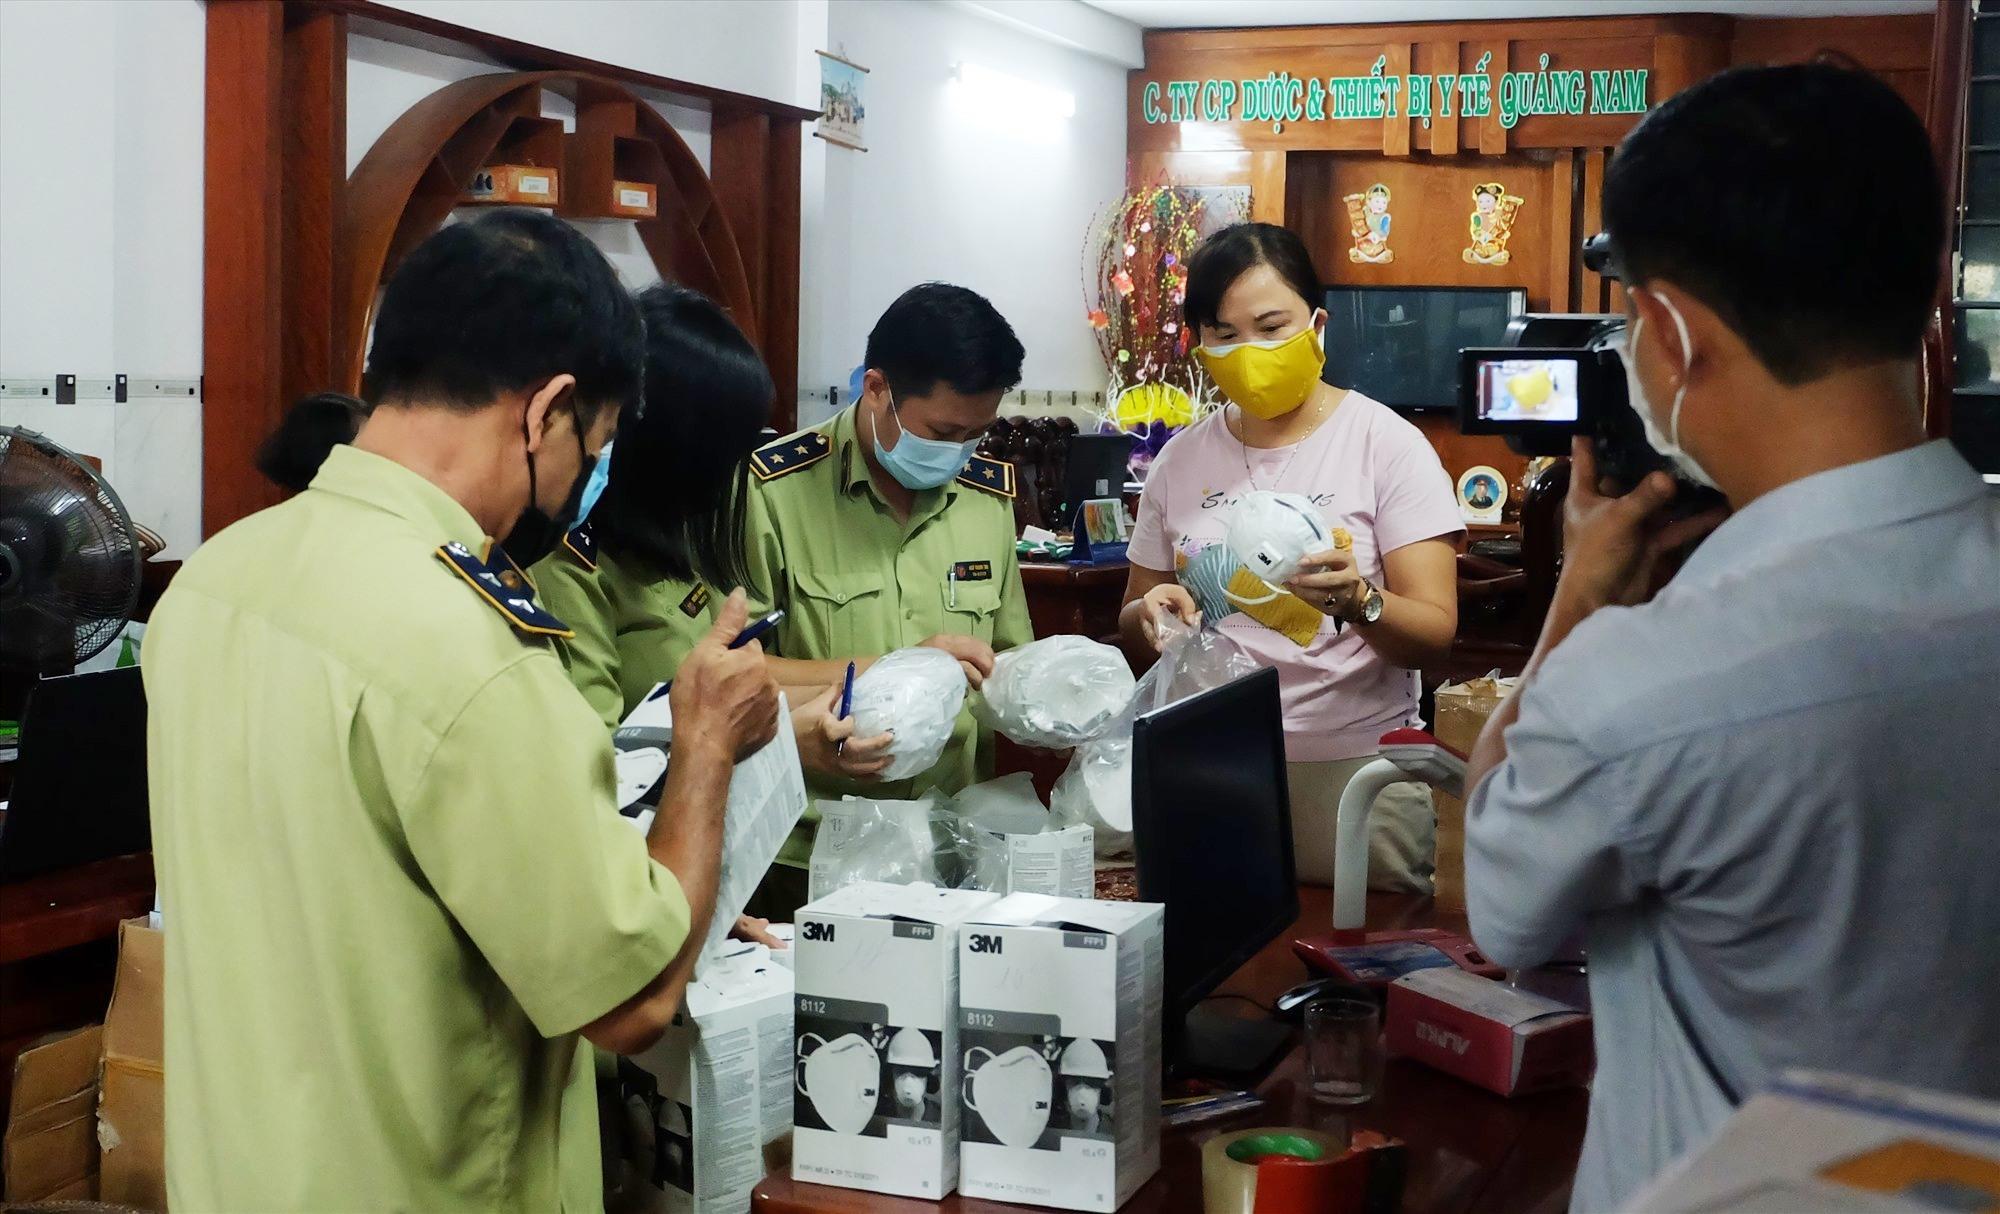 Phát hiện nhiều khẩu trang y tế không rõ nguồn gốc, xuất xứ tại Công ty CP Dược và vật tư y tế Quảng Nam. Ảnh: M.L